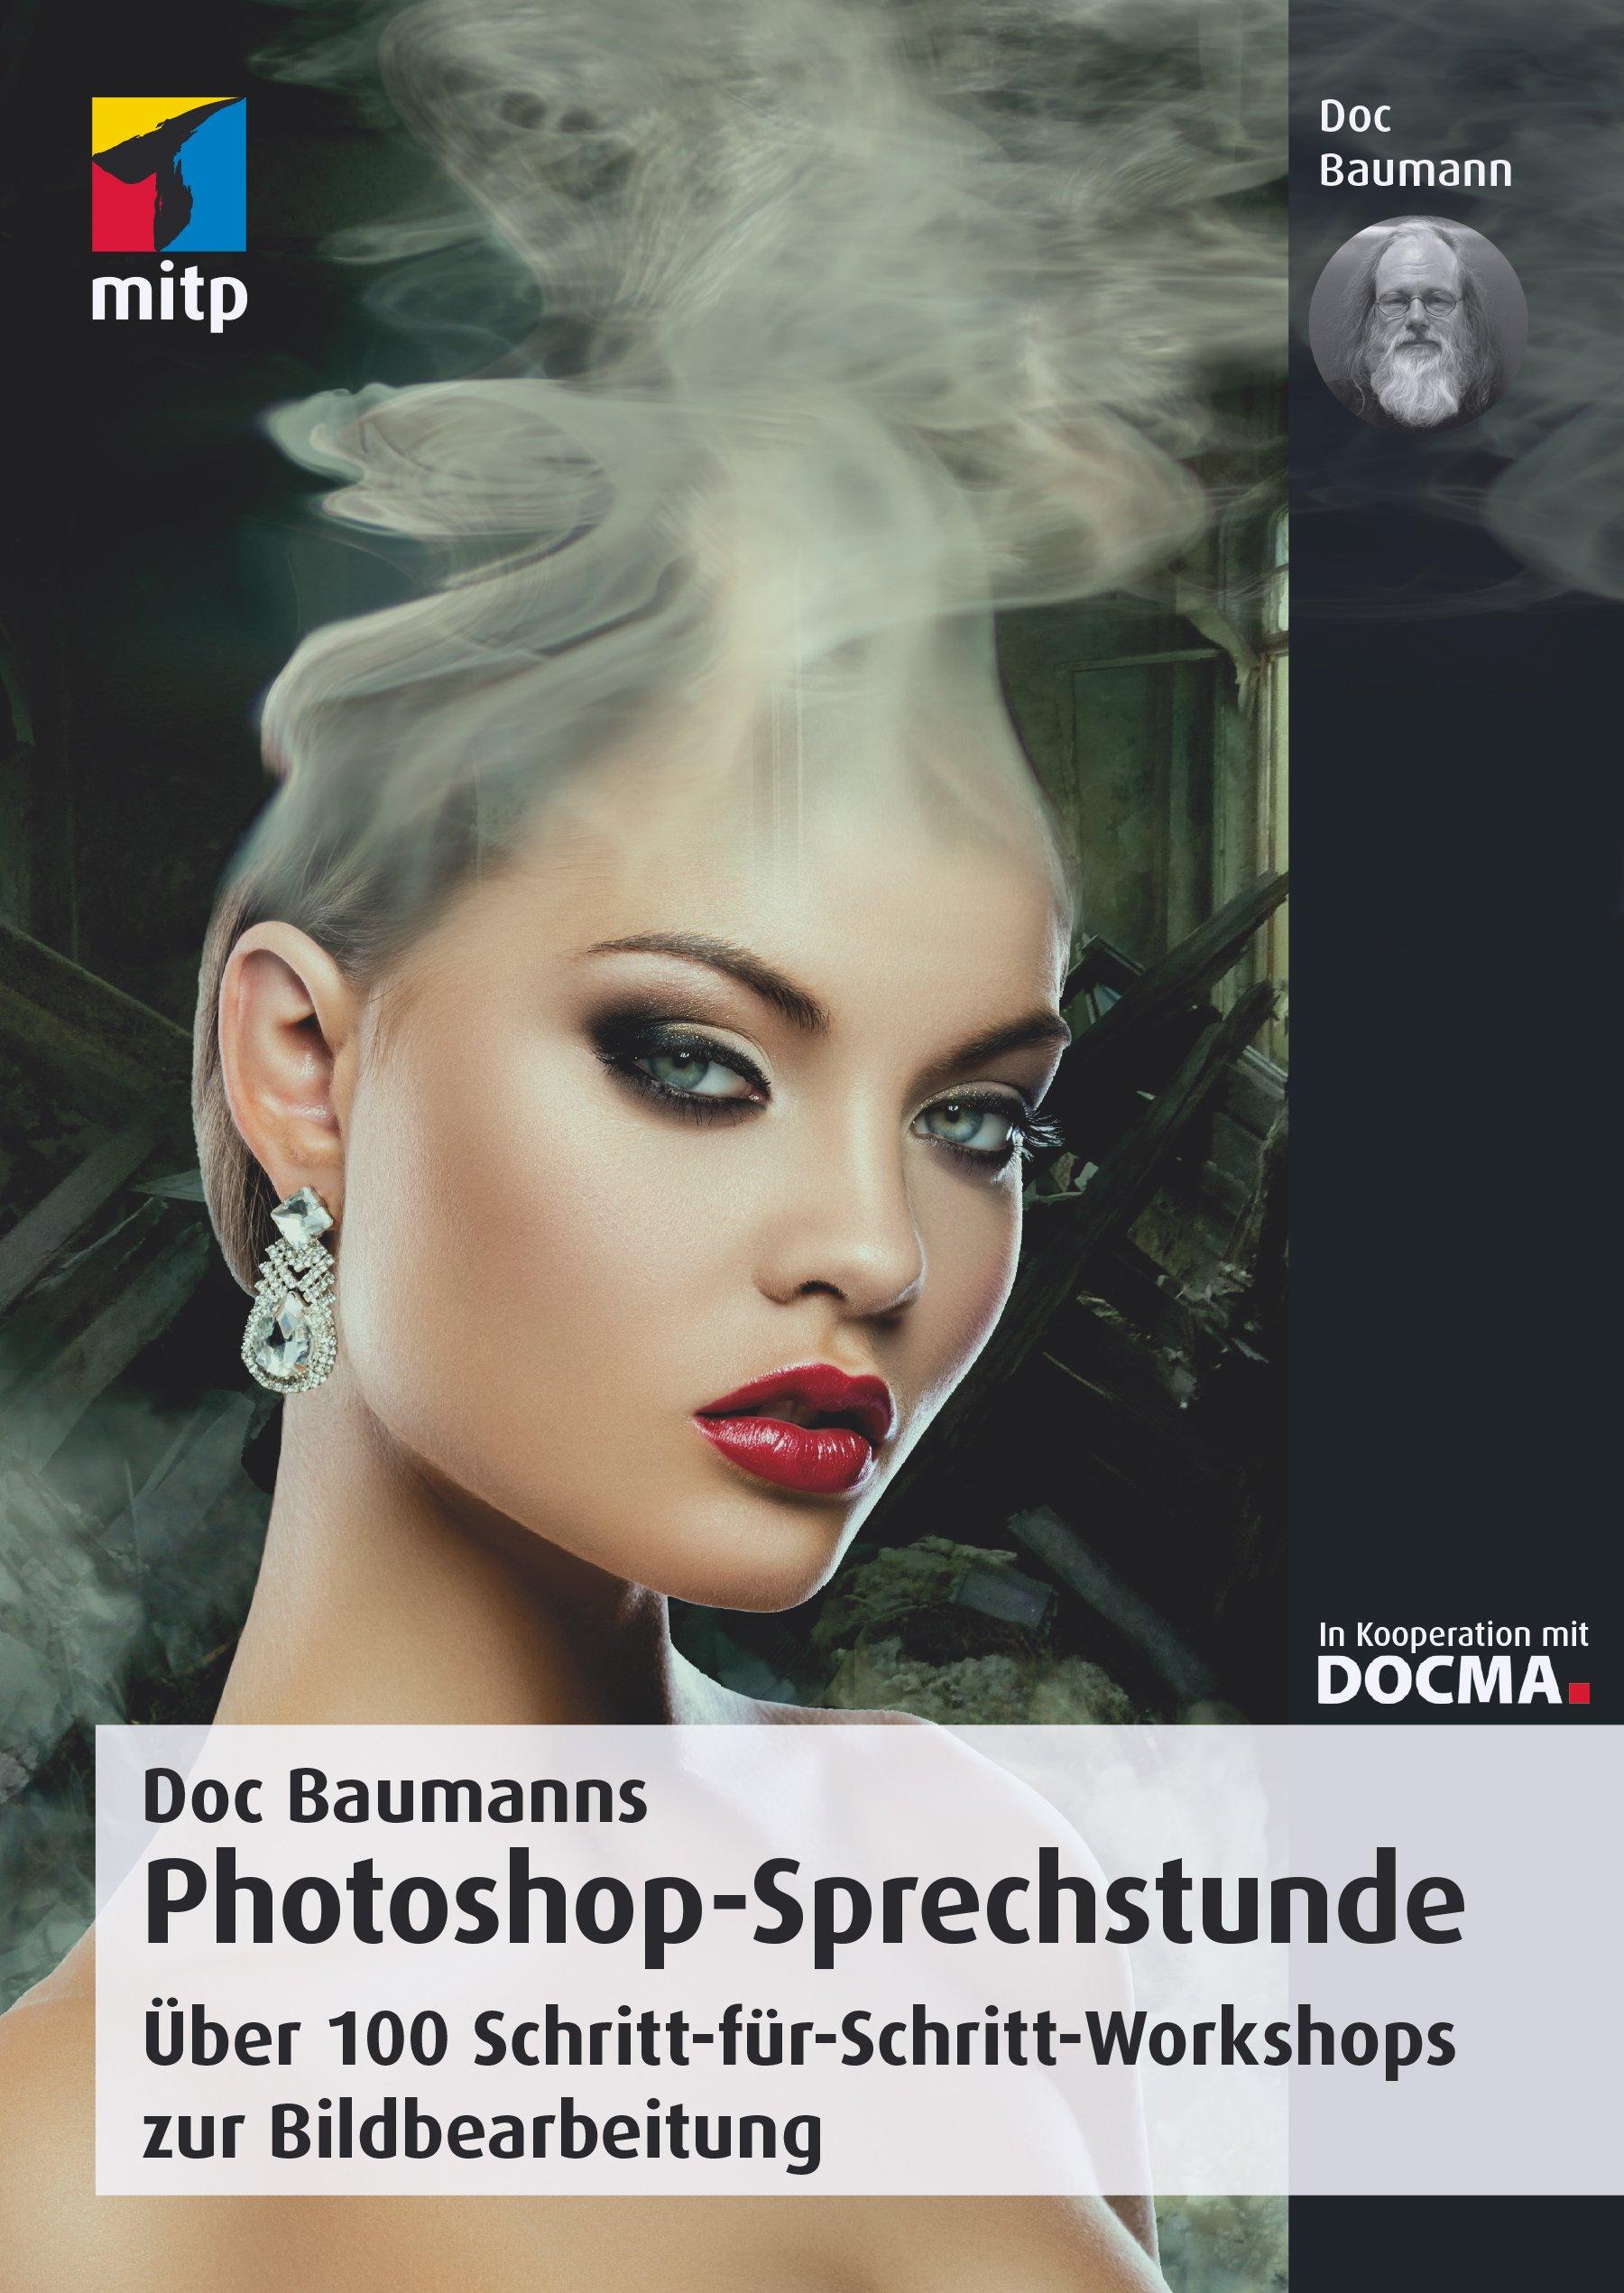 Doc Baumanns Photoshop-Sprechstunde: Über 100 Schritt-für-Schritt-Workshops zur Bildbearbeitung (mitp Fotografie) Broschiert – 15. September 2017 3958456103 Anwendungs-Software Verwaltung Farbfotografie